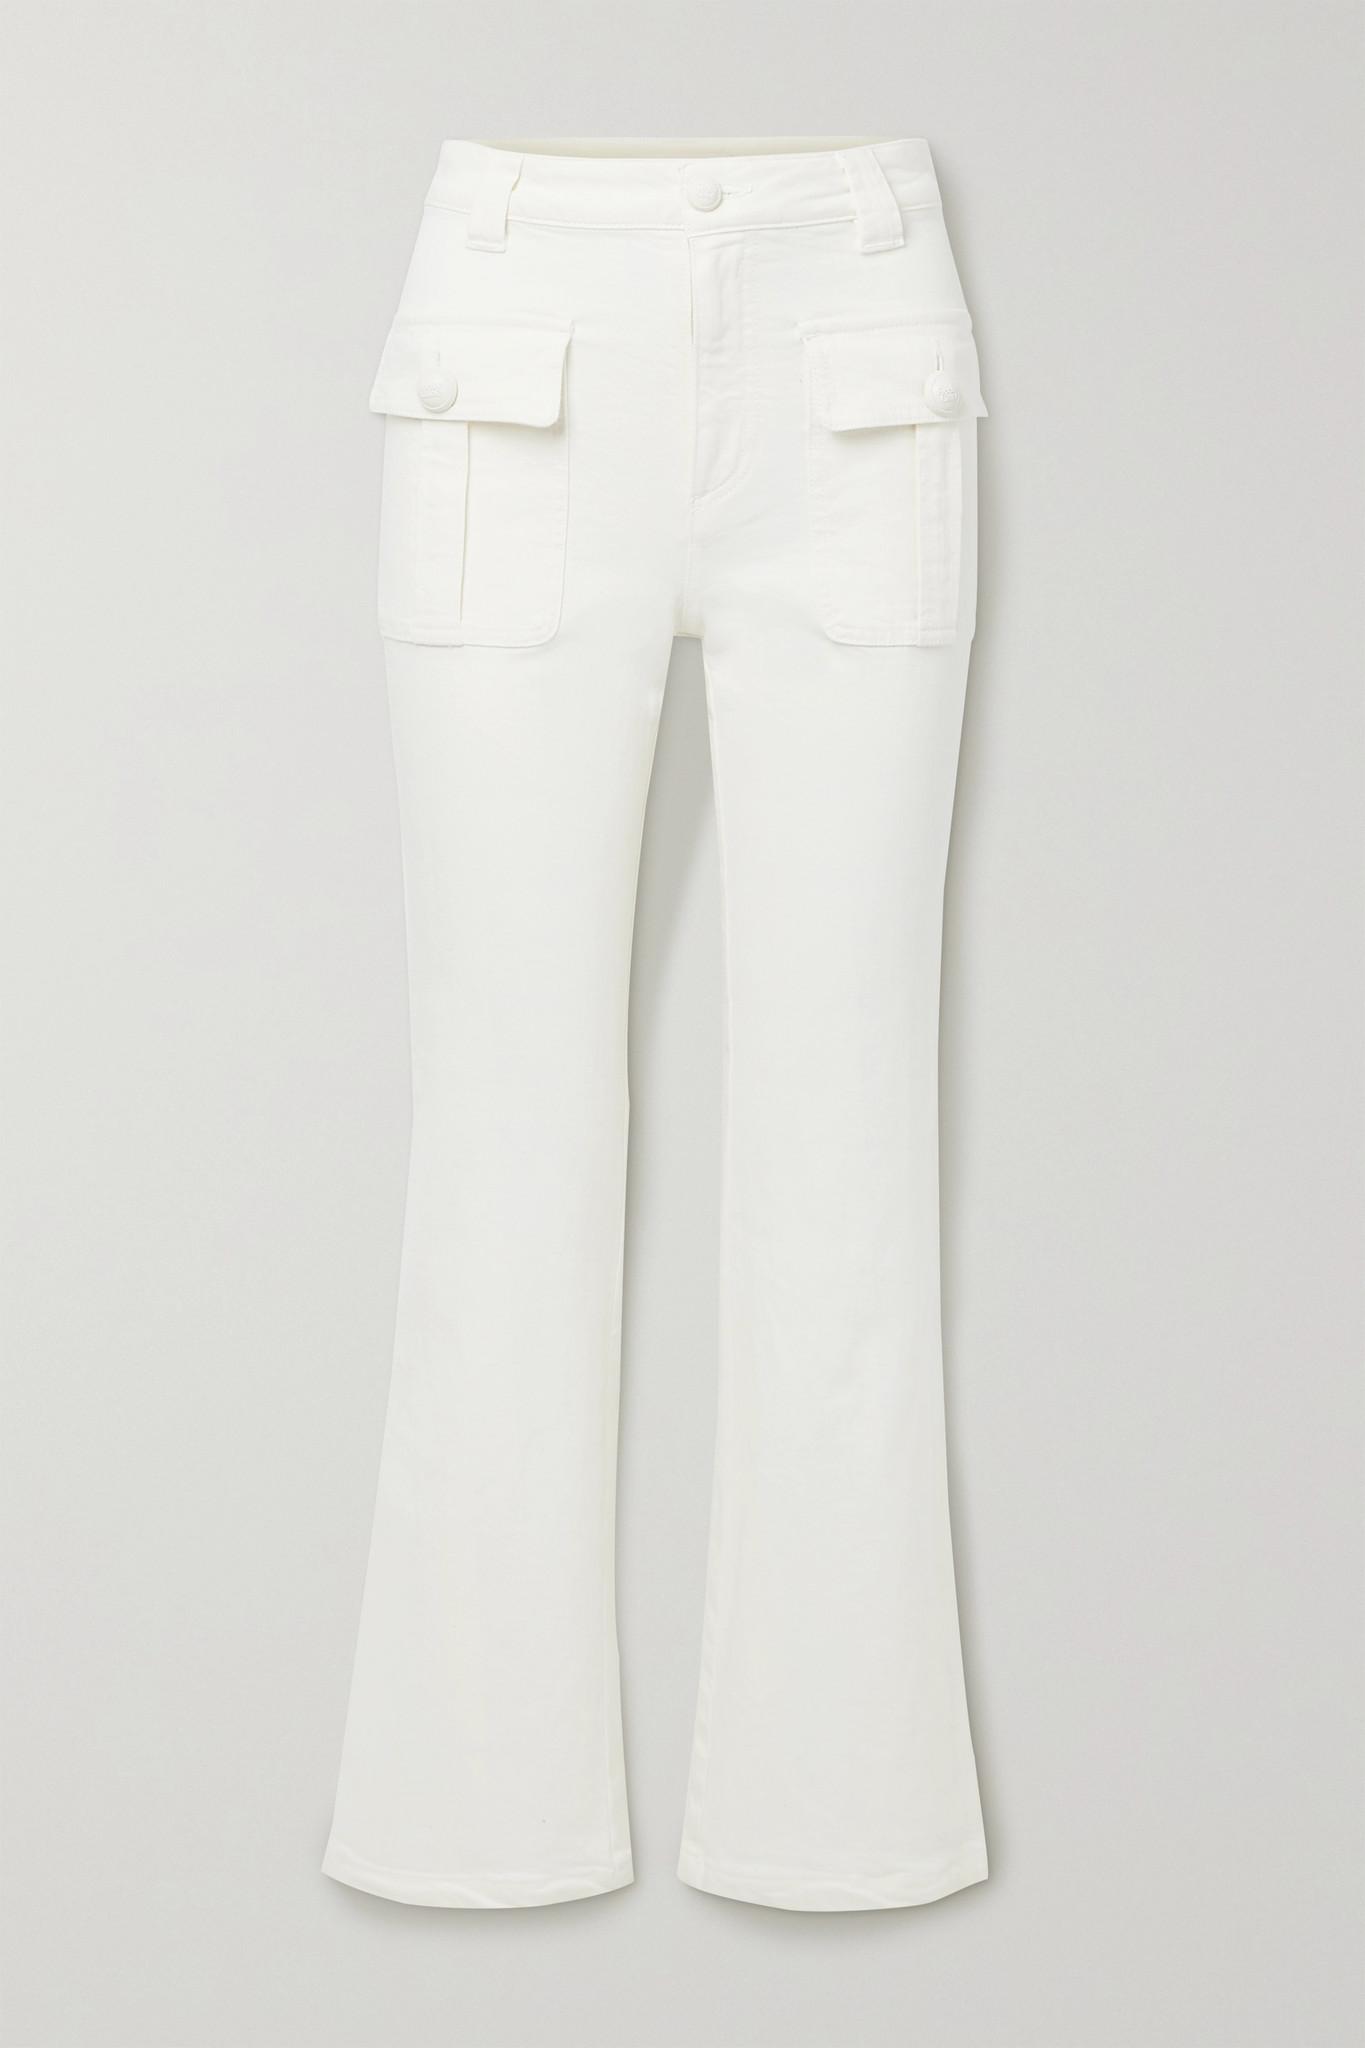 SEE BY CHLOÉ - 高腰喇叭牛仔裤 - 白色 - 27